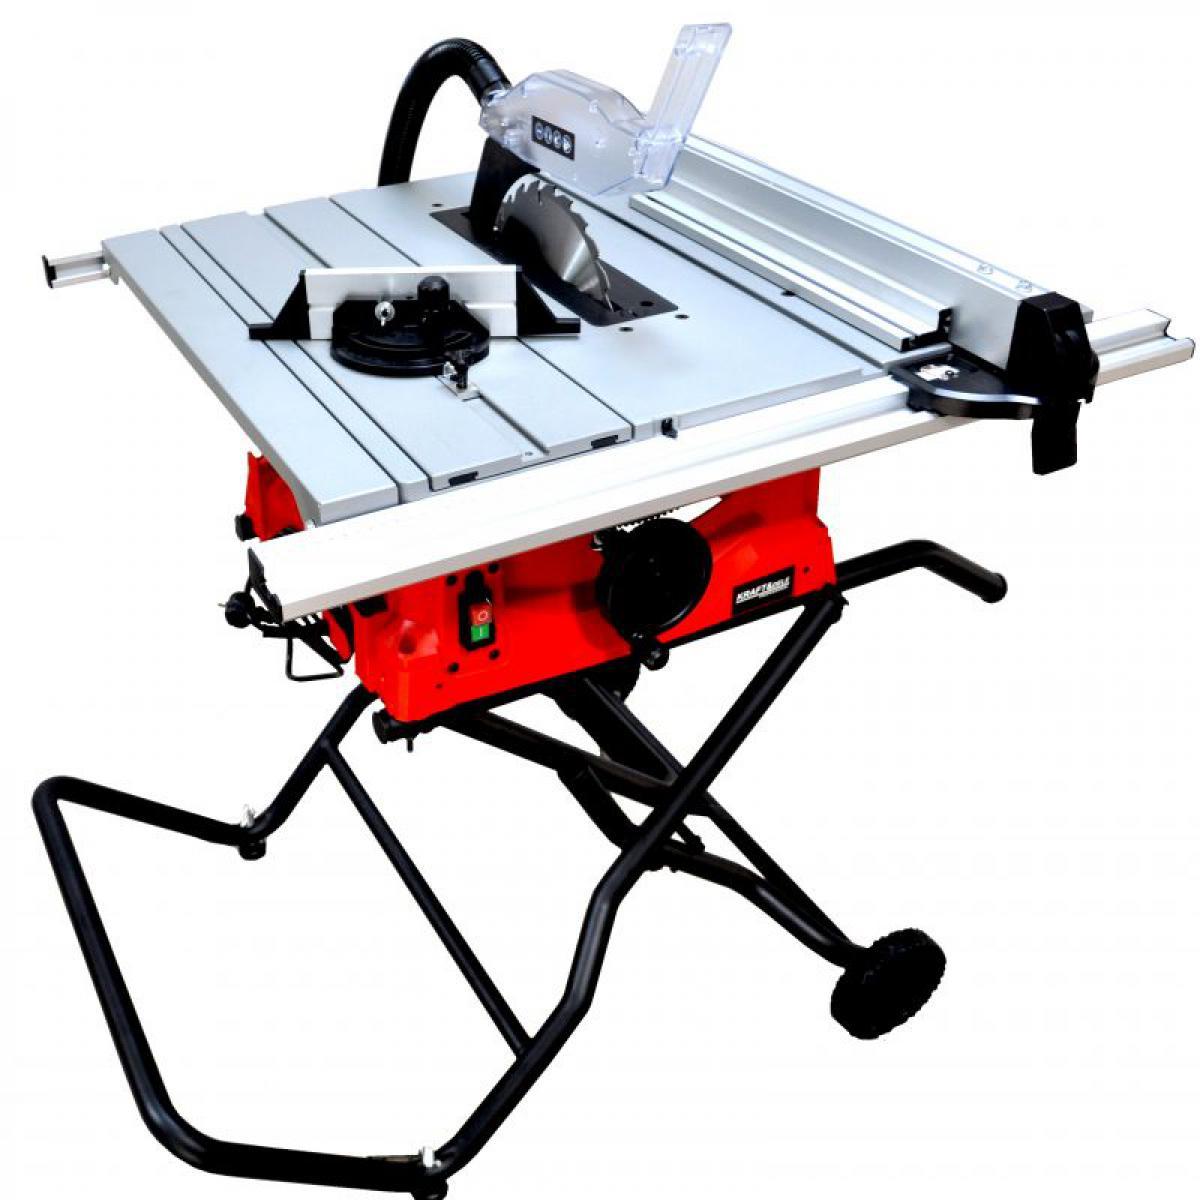 Hucoco DCRAFT | Scie sur table | Puissance nominale 2800 W | Régime de ralenti 5000 min-1 | Scie coupe bois | Atelier bricolage